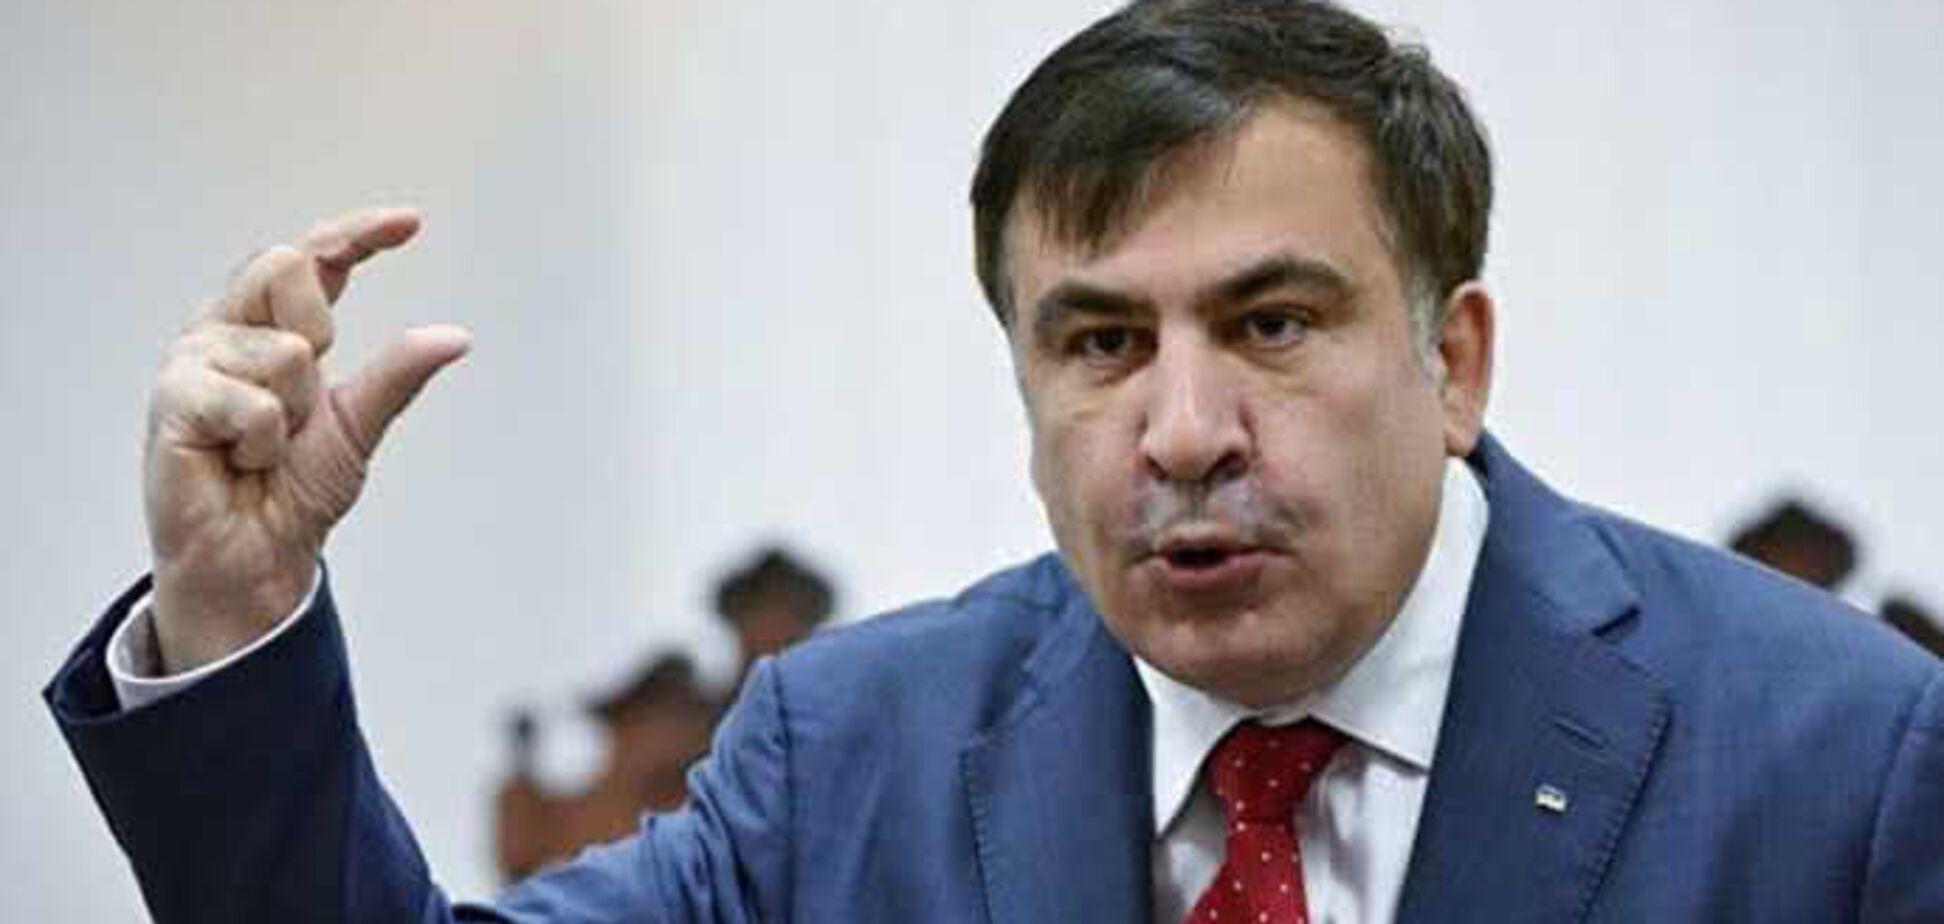 Саакашвили будет выступать против сотрудничества с МВФ – политолог